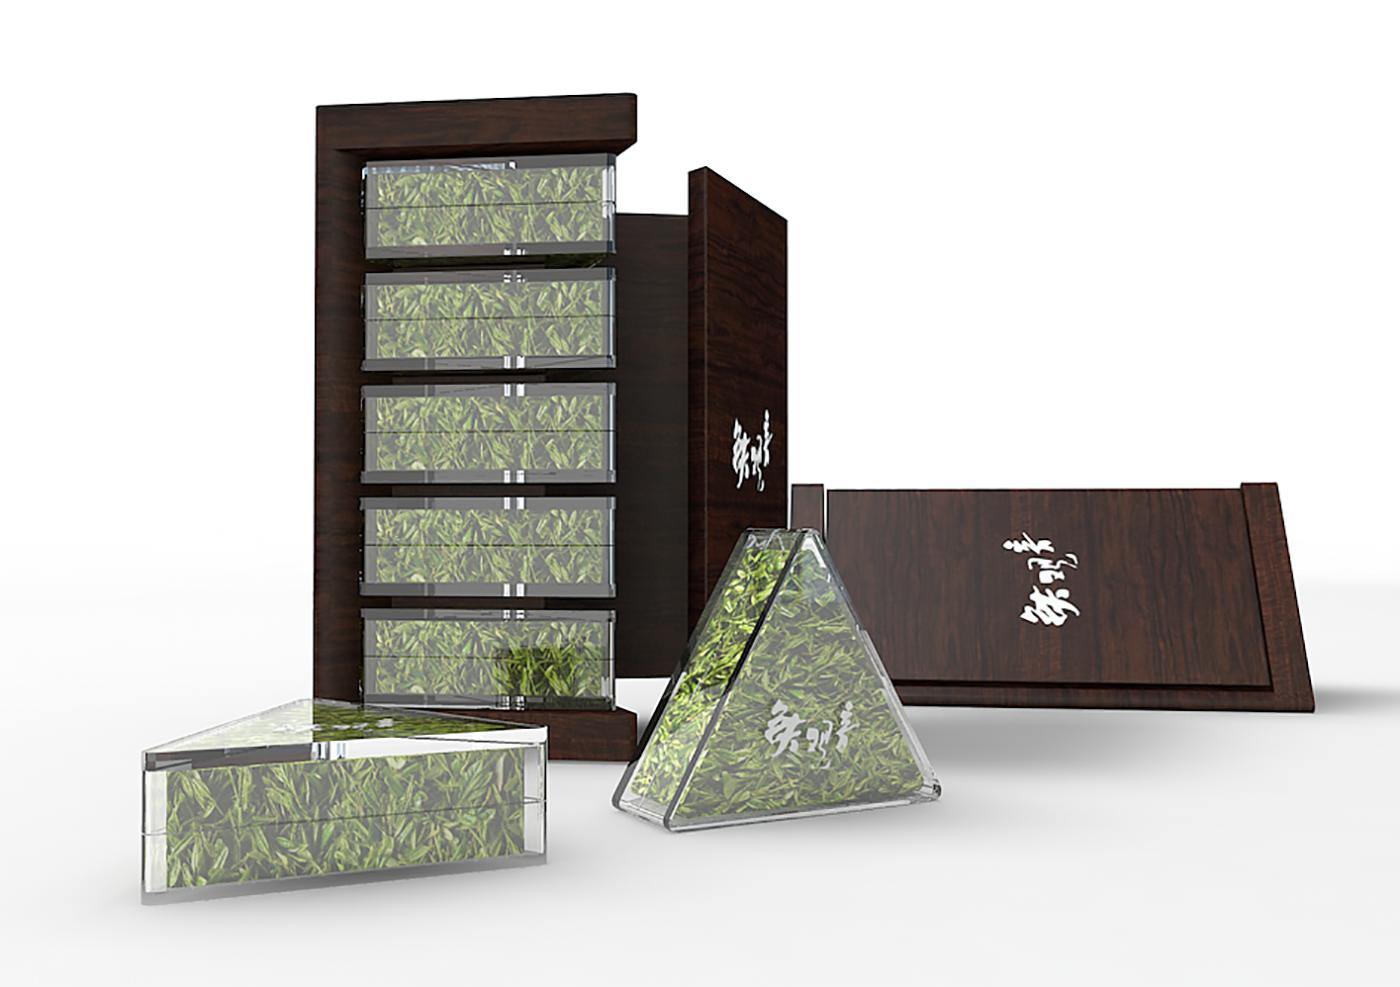 高端大气的茶叶包装设计,与众不同的茶叶包装设计